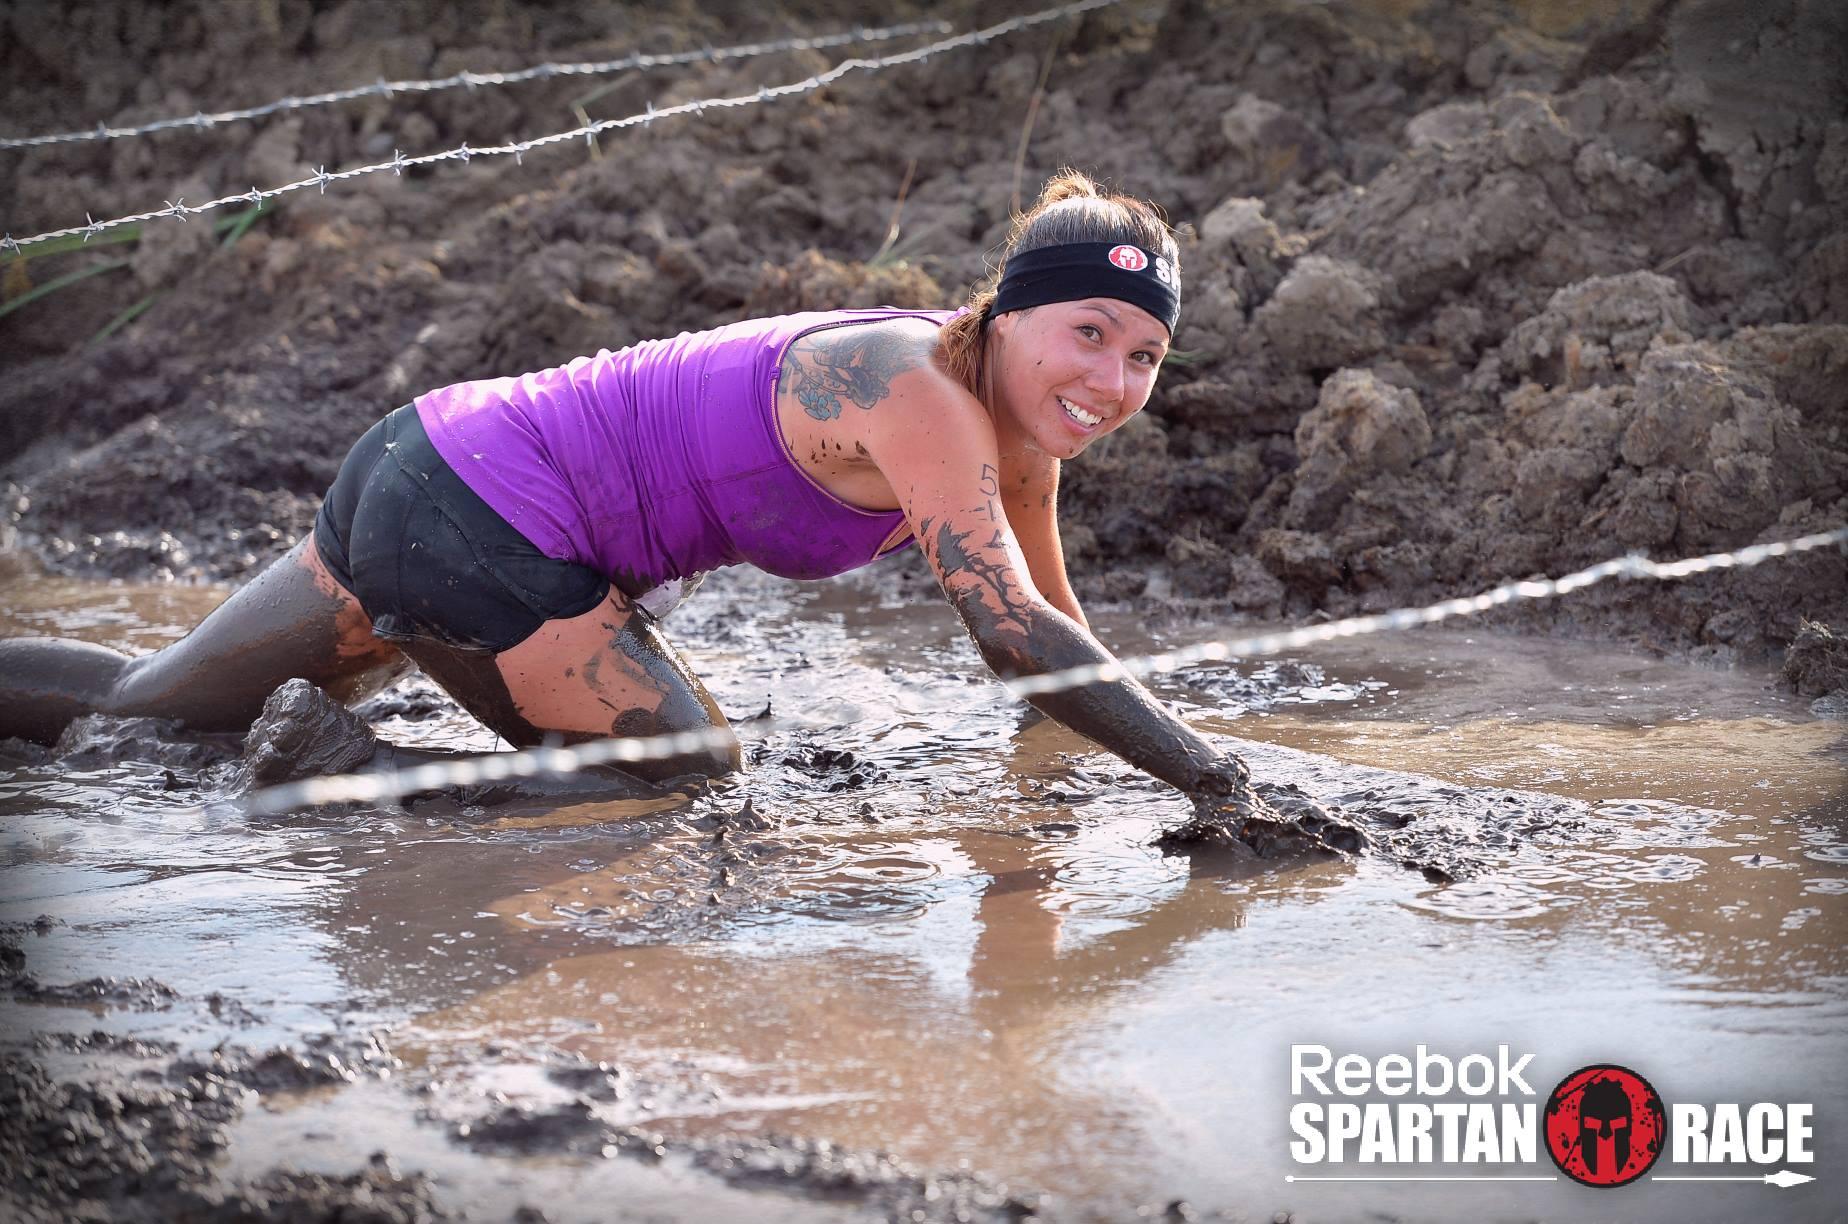 Image: Spartan Race/ Facebook